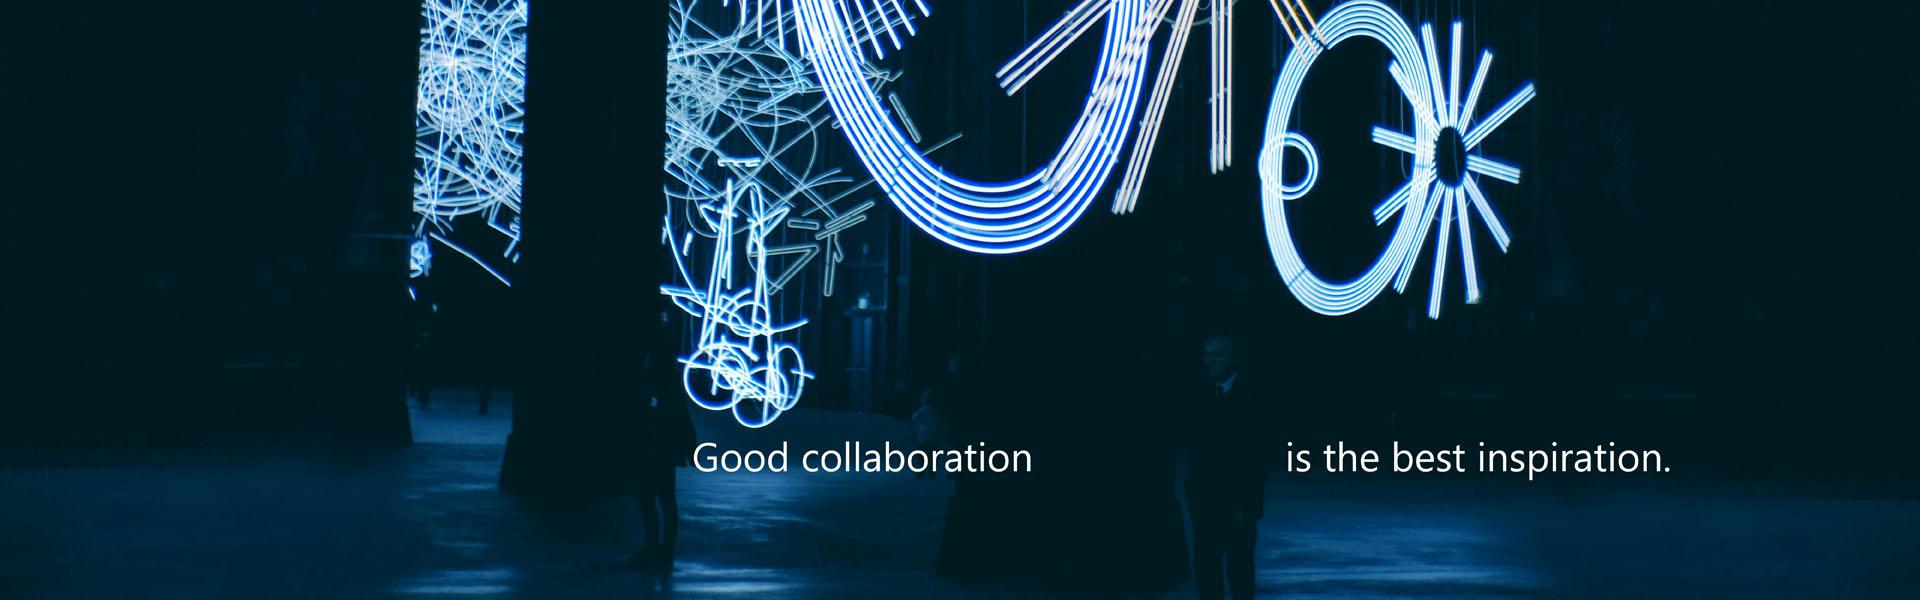 us_QwVe3oBm9Yw_1920x600_good-collaboration